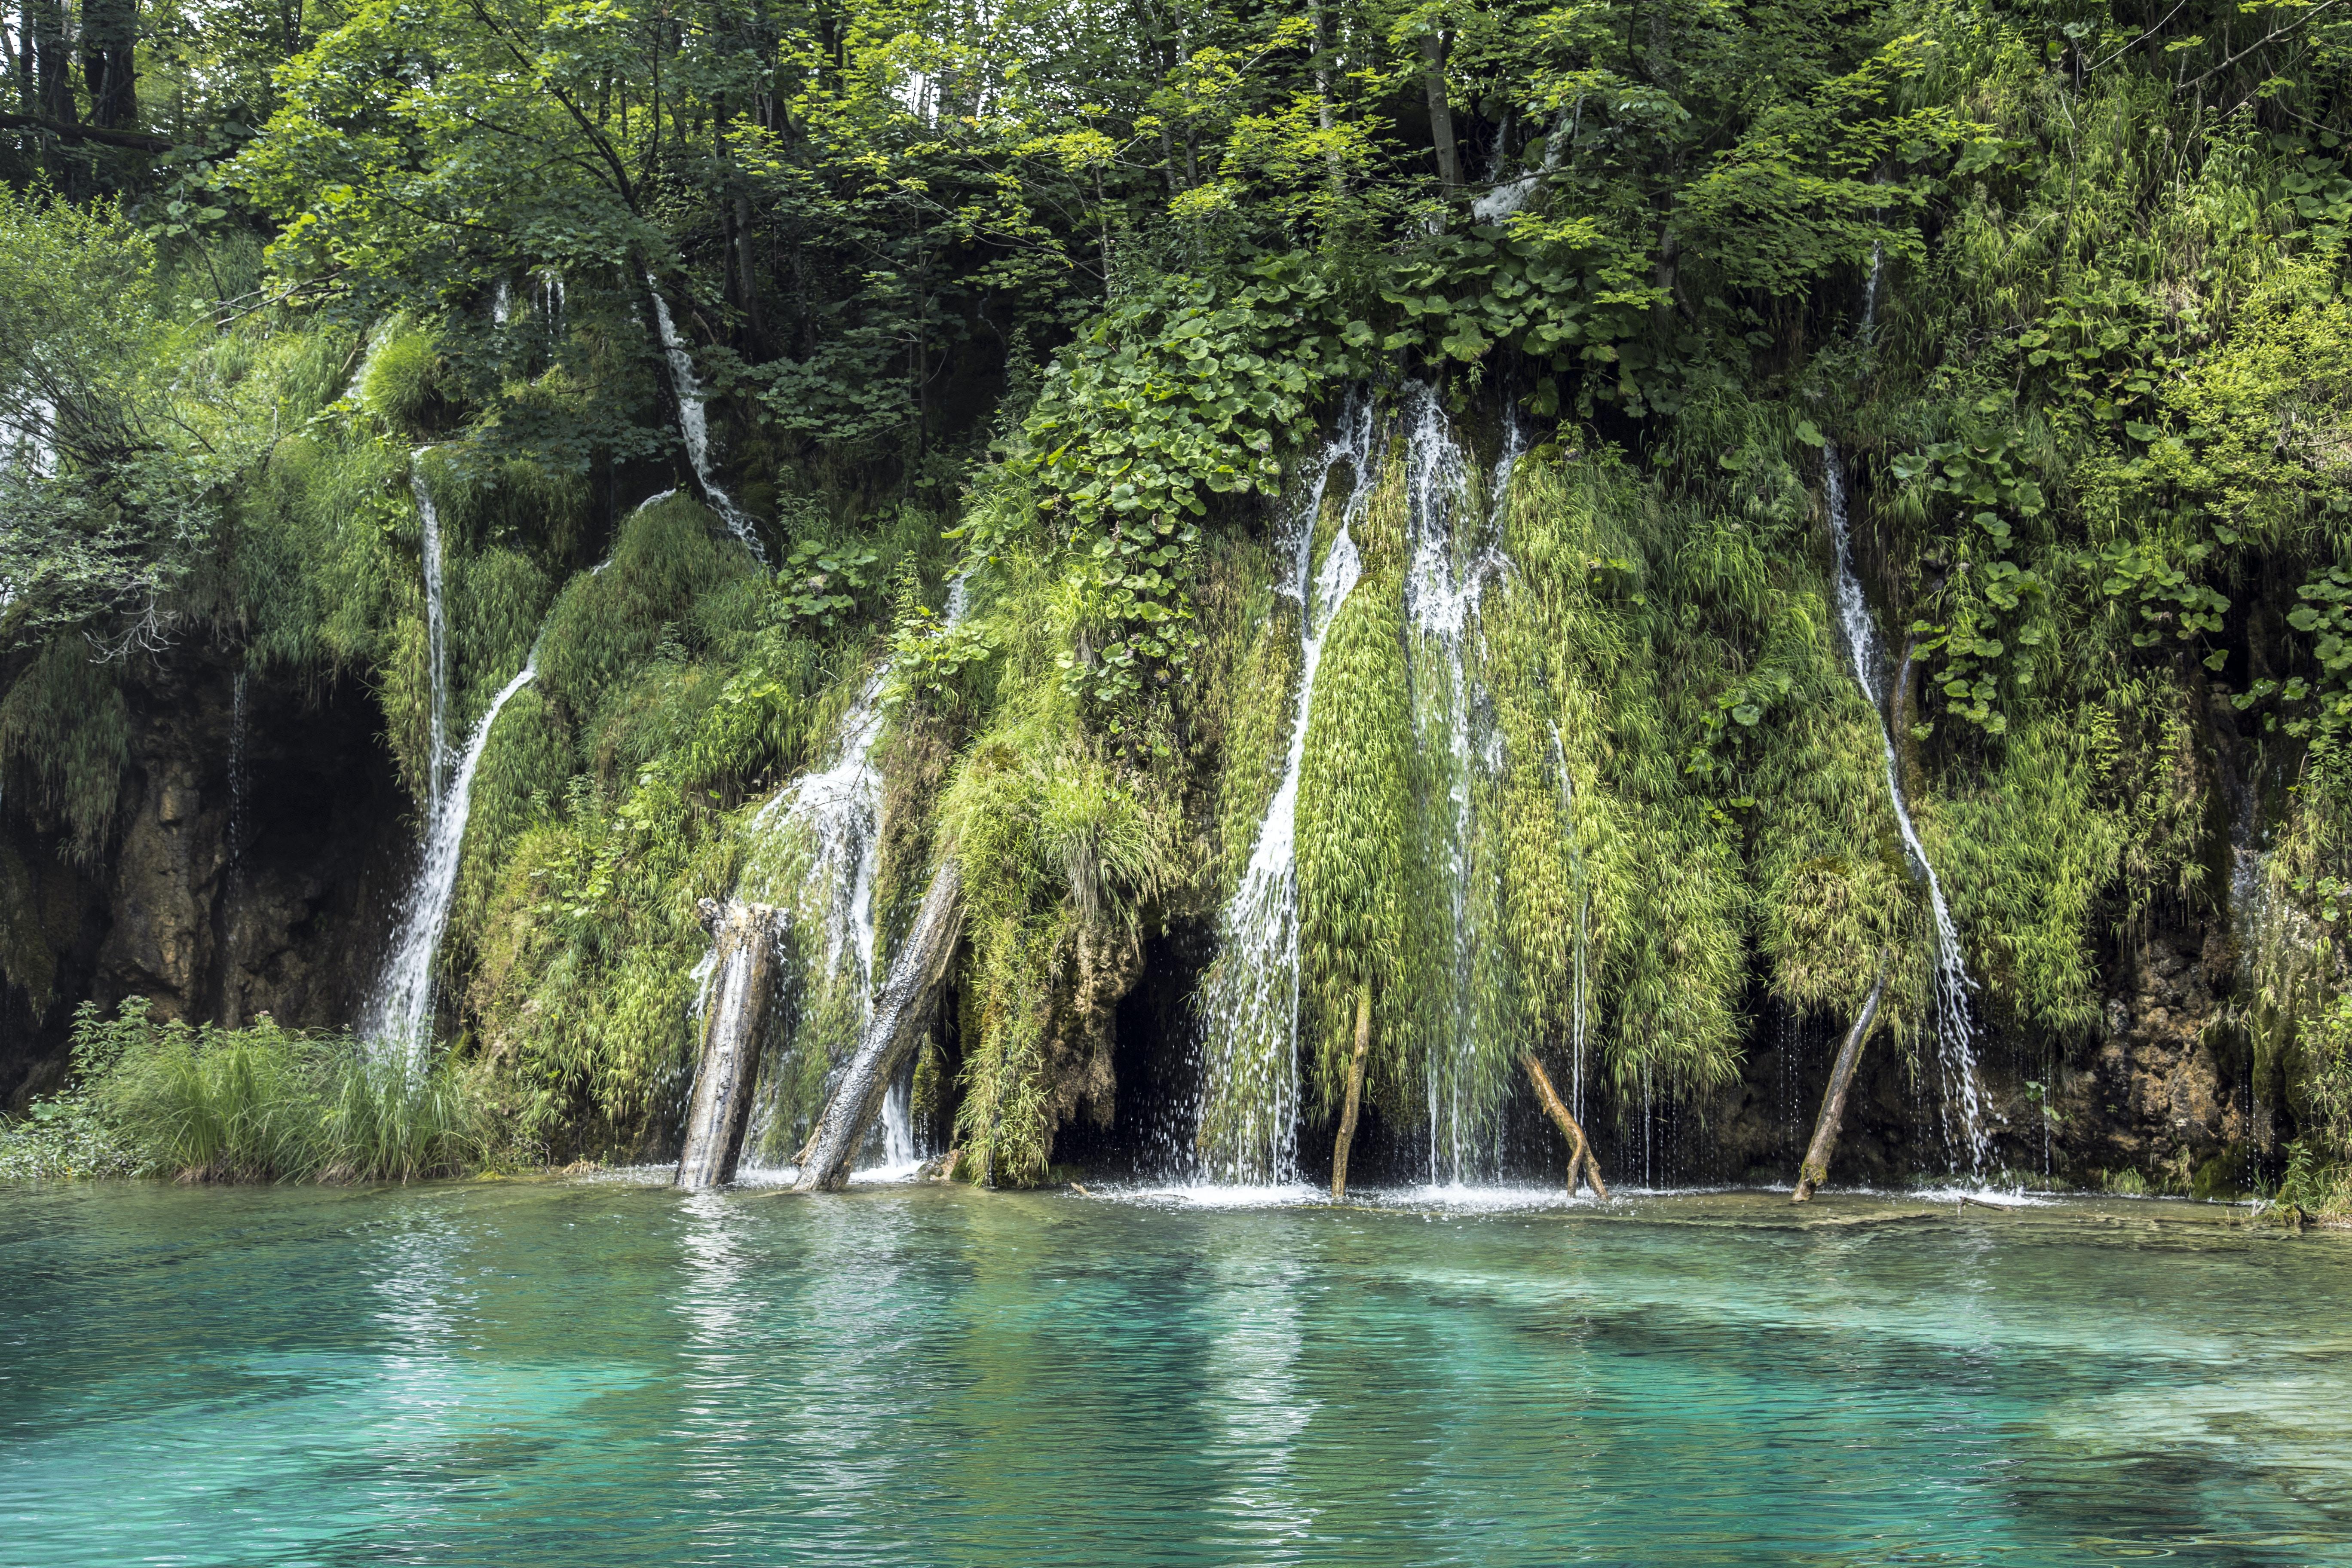 segmented waterfalls at daytime